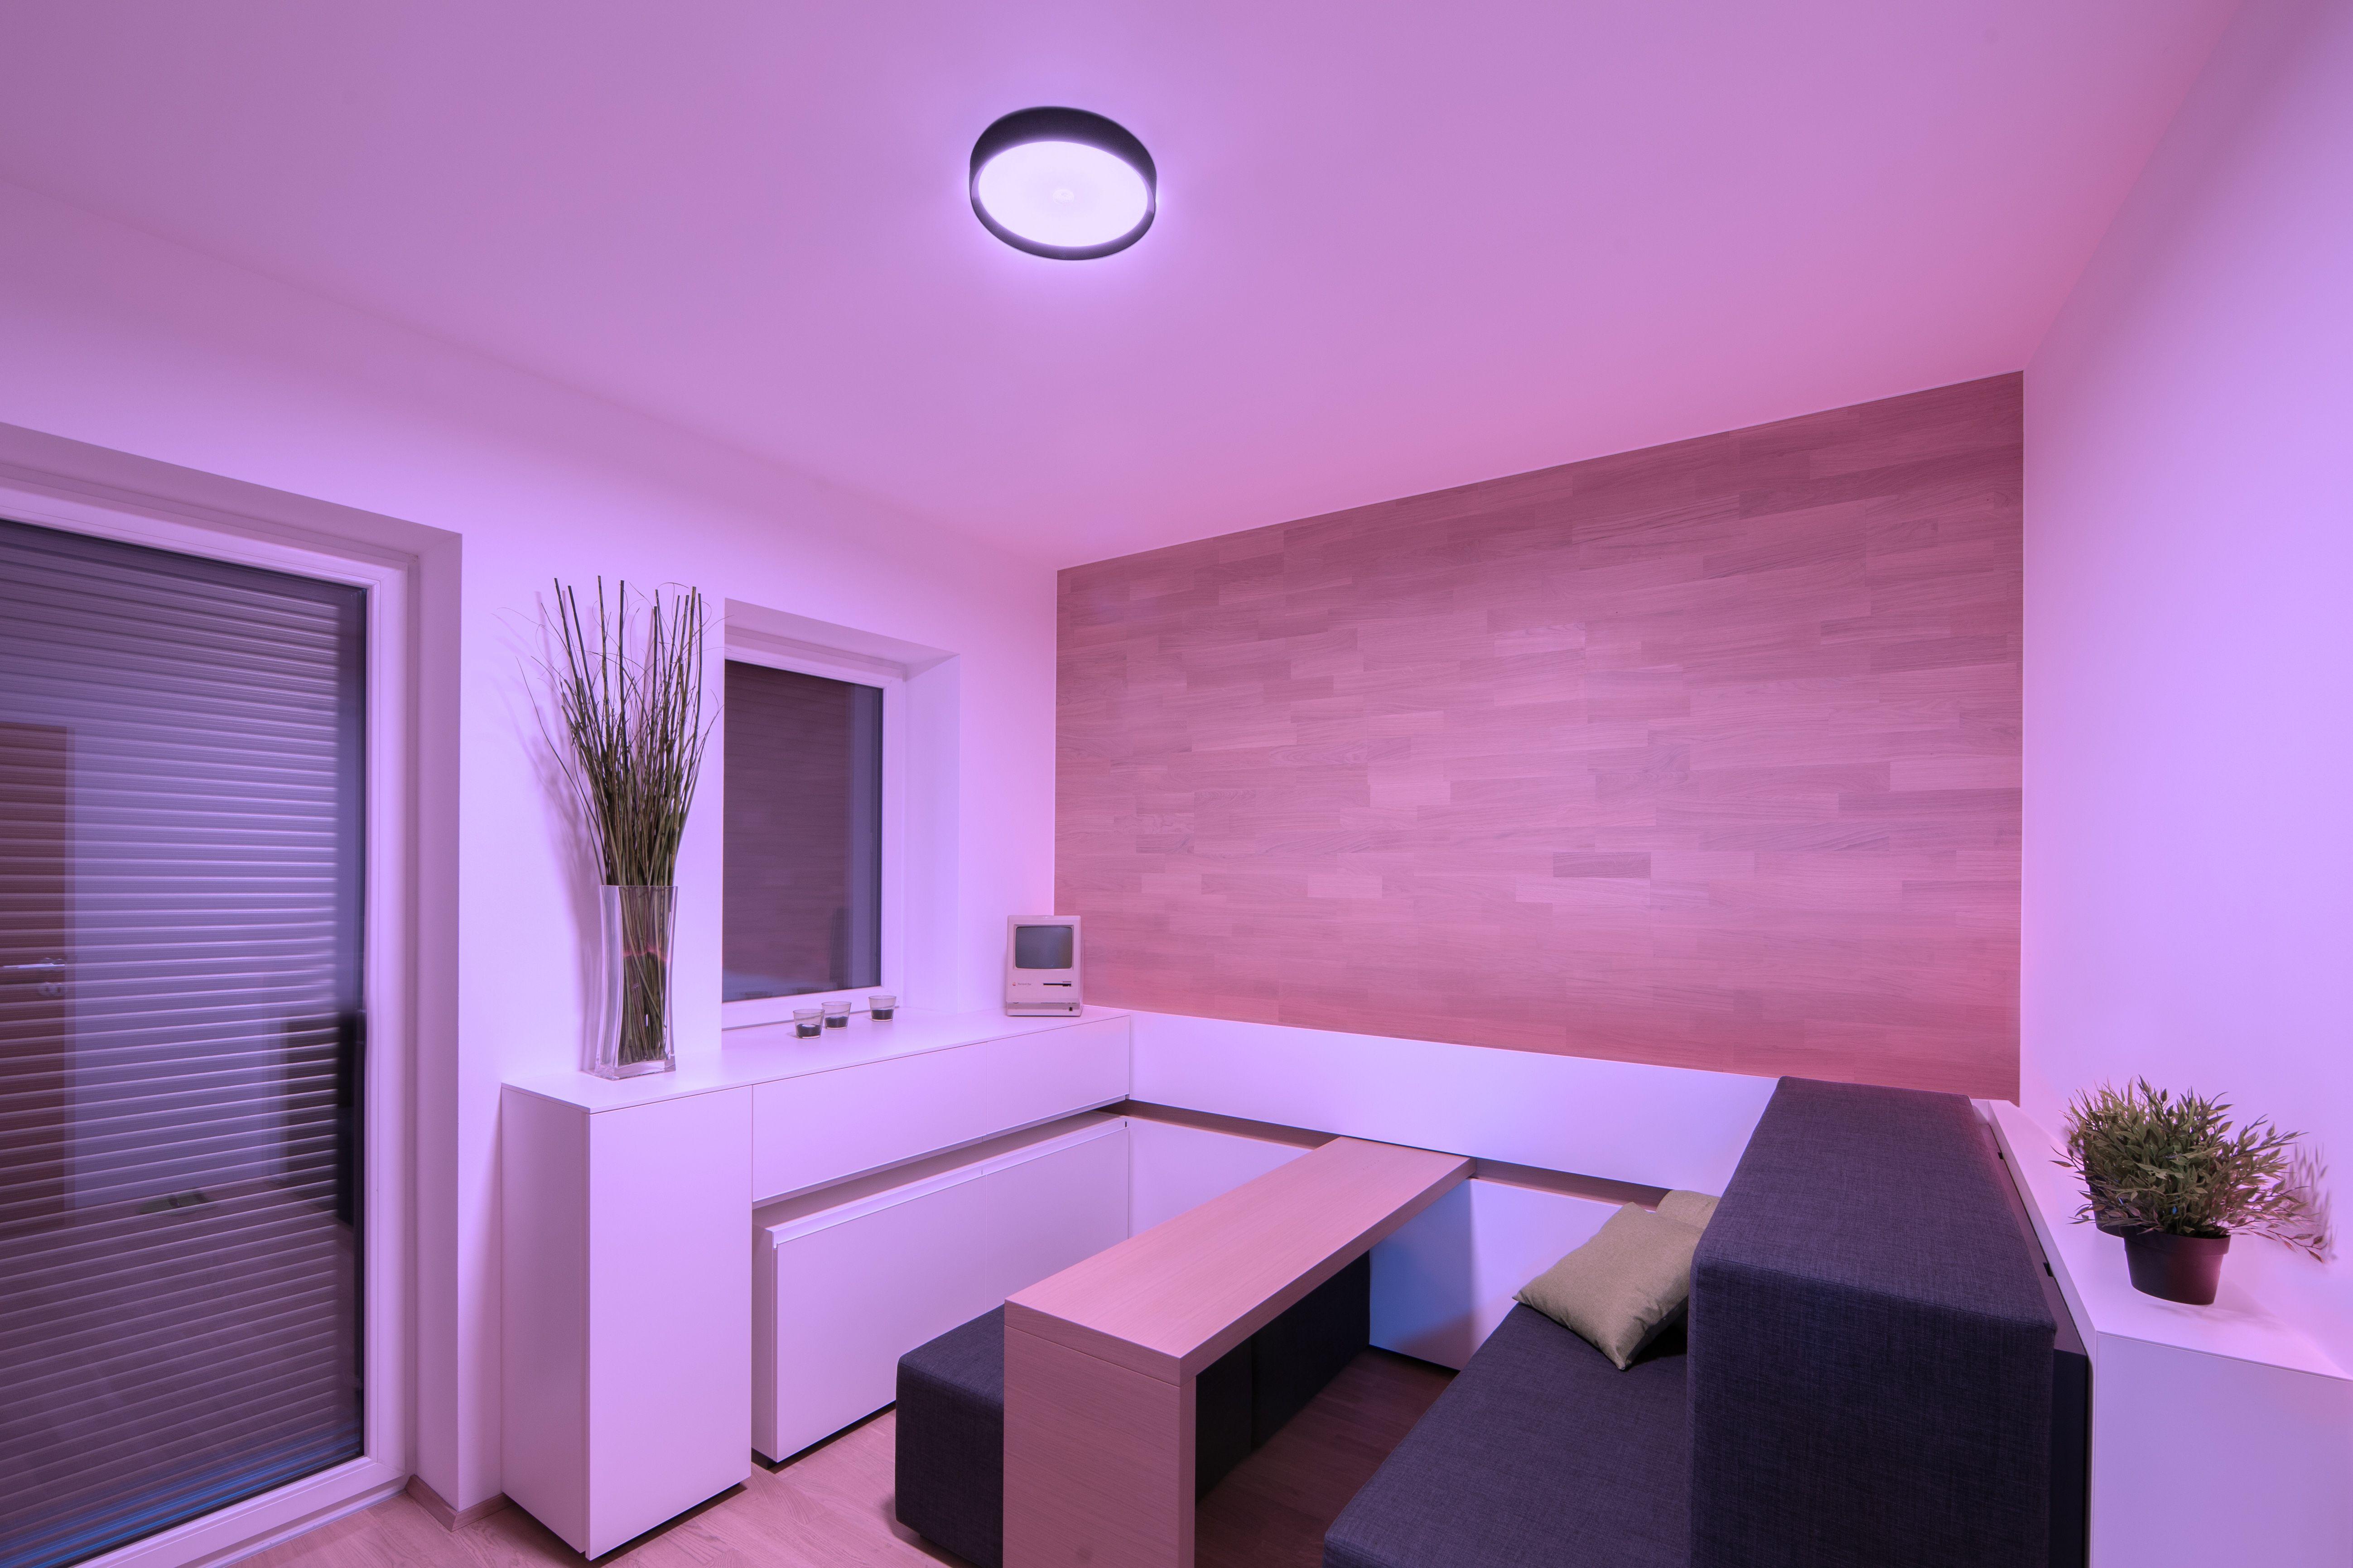 LED Ceiling Light RGBW Domotica, Sensores